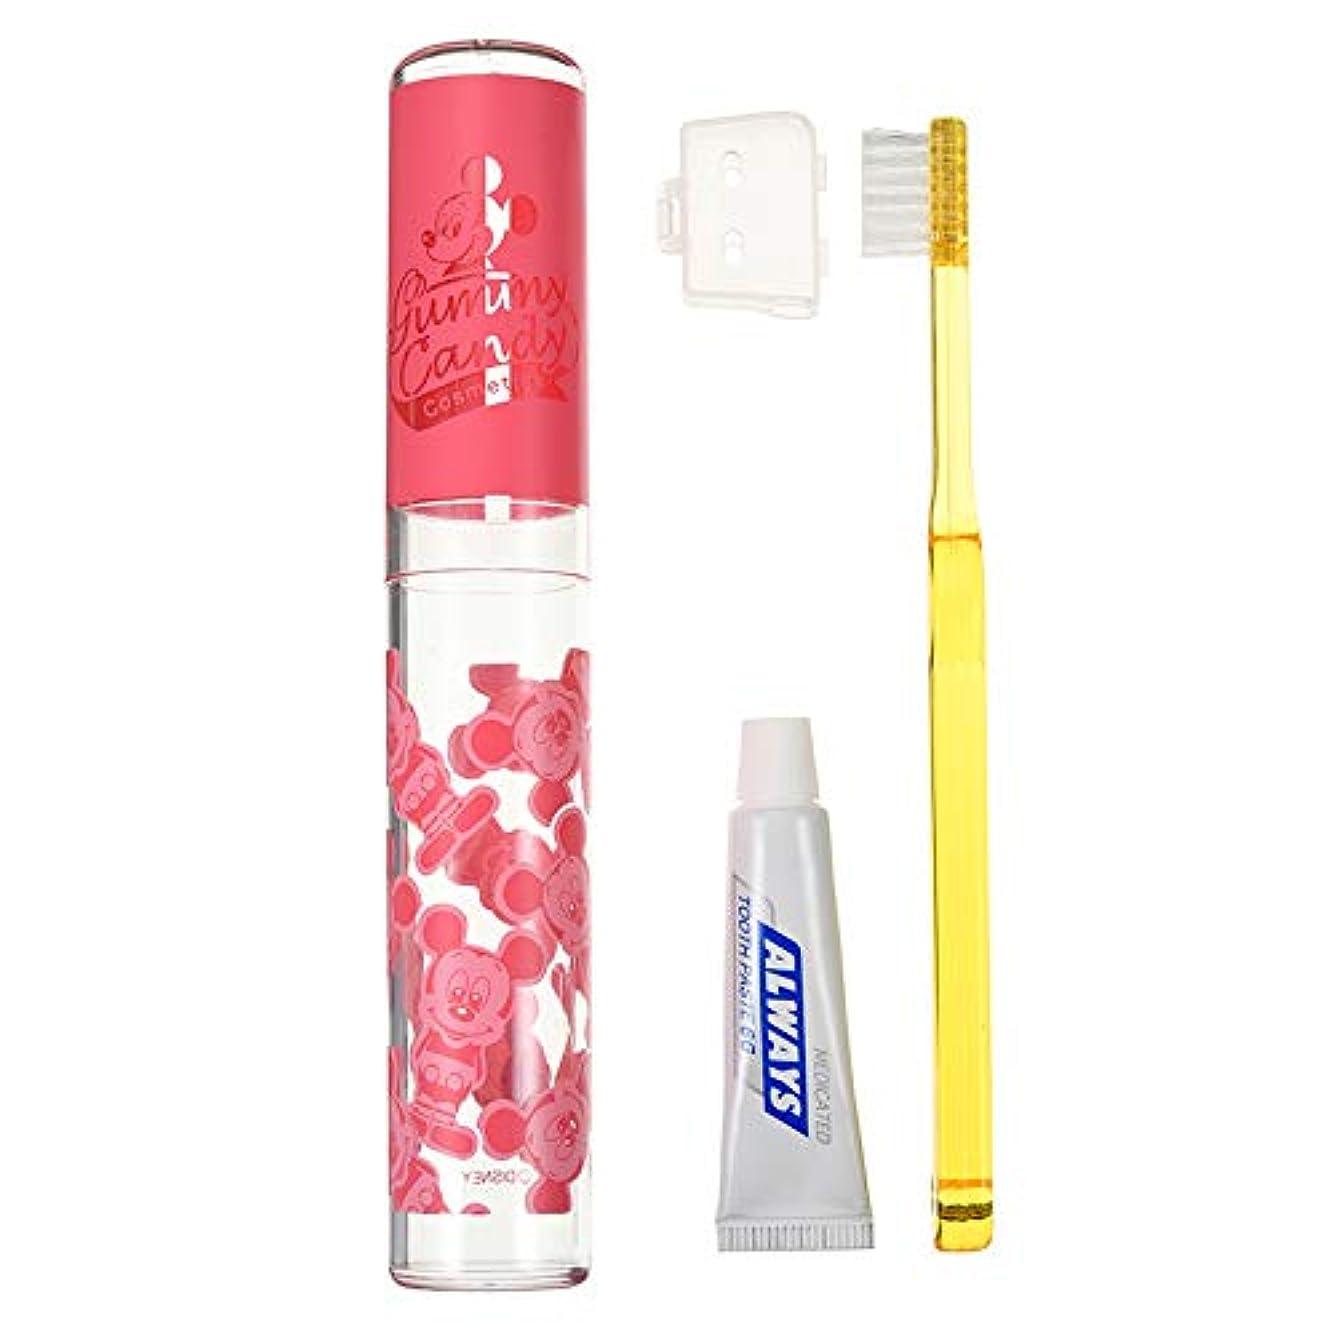 サイレン相談減衰ディズニーストア(公式)歯ブラシ セット ミッキー グミキャンディ